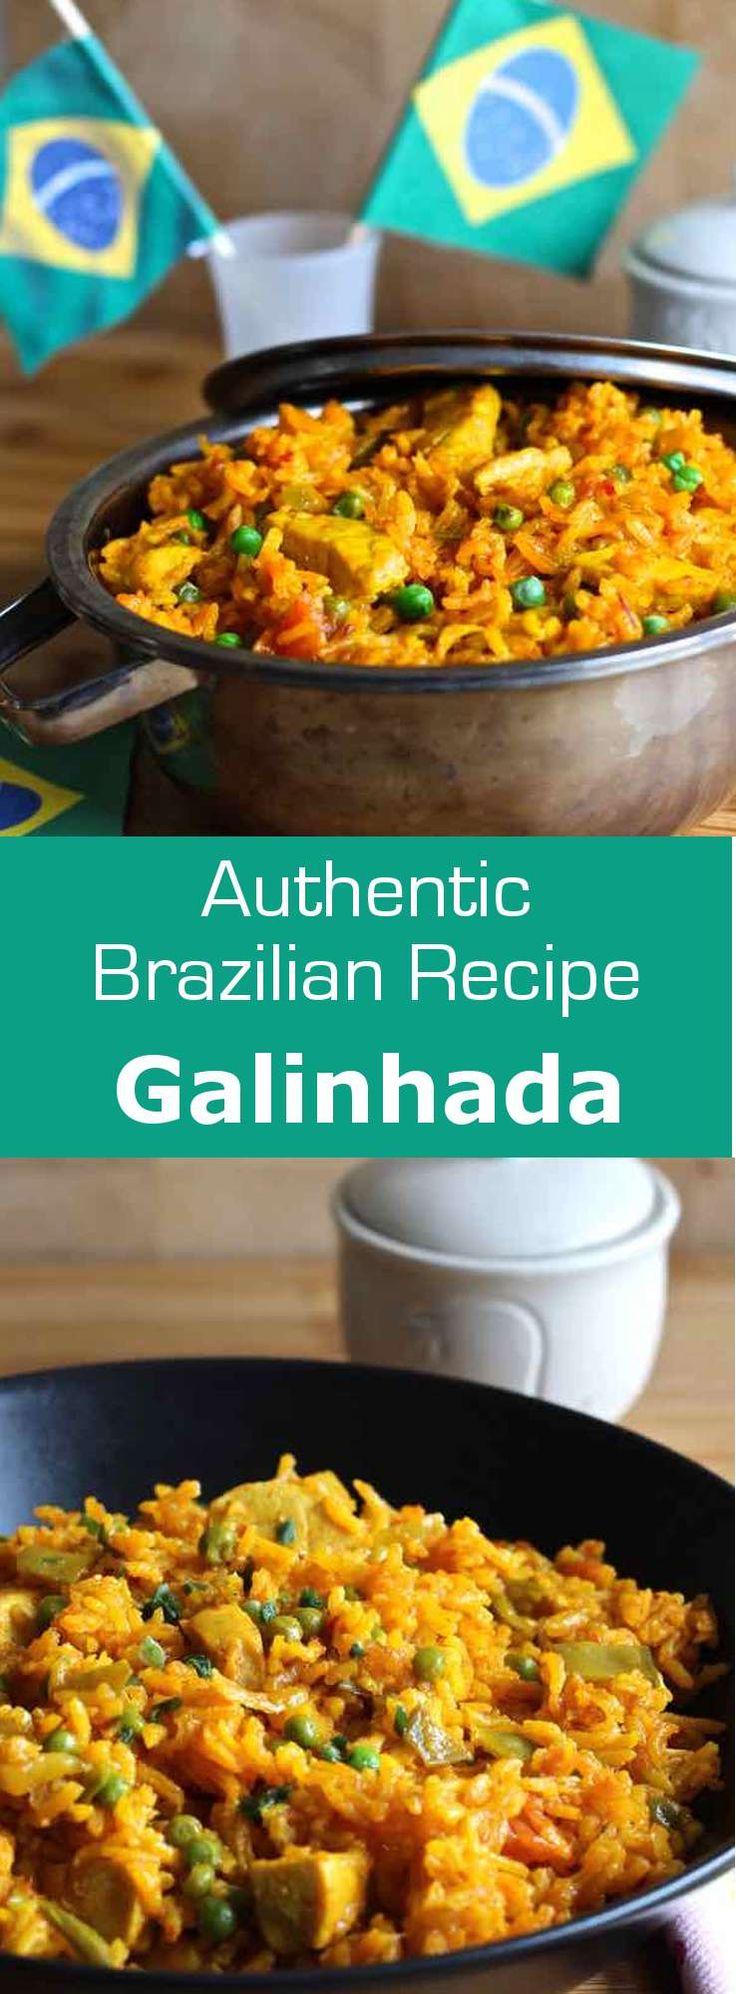 La galinhada est un plat emblématique brésilien composé de riz et de poulet auquel le safran ou le curcuma donne une couleur jaune typique. via @196flavors